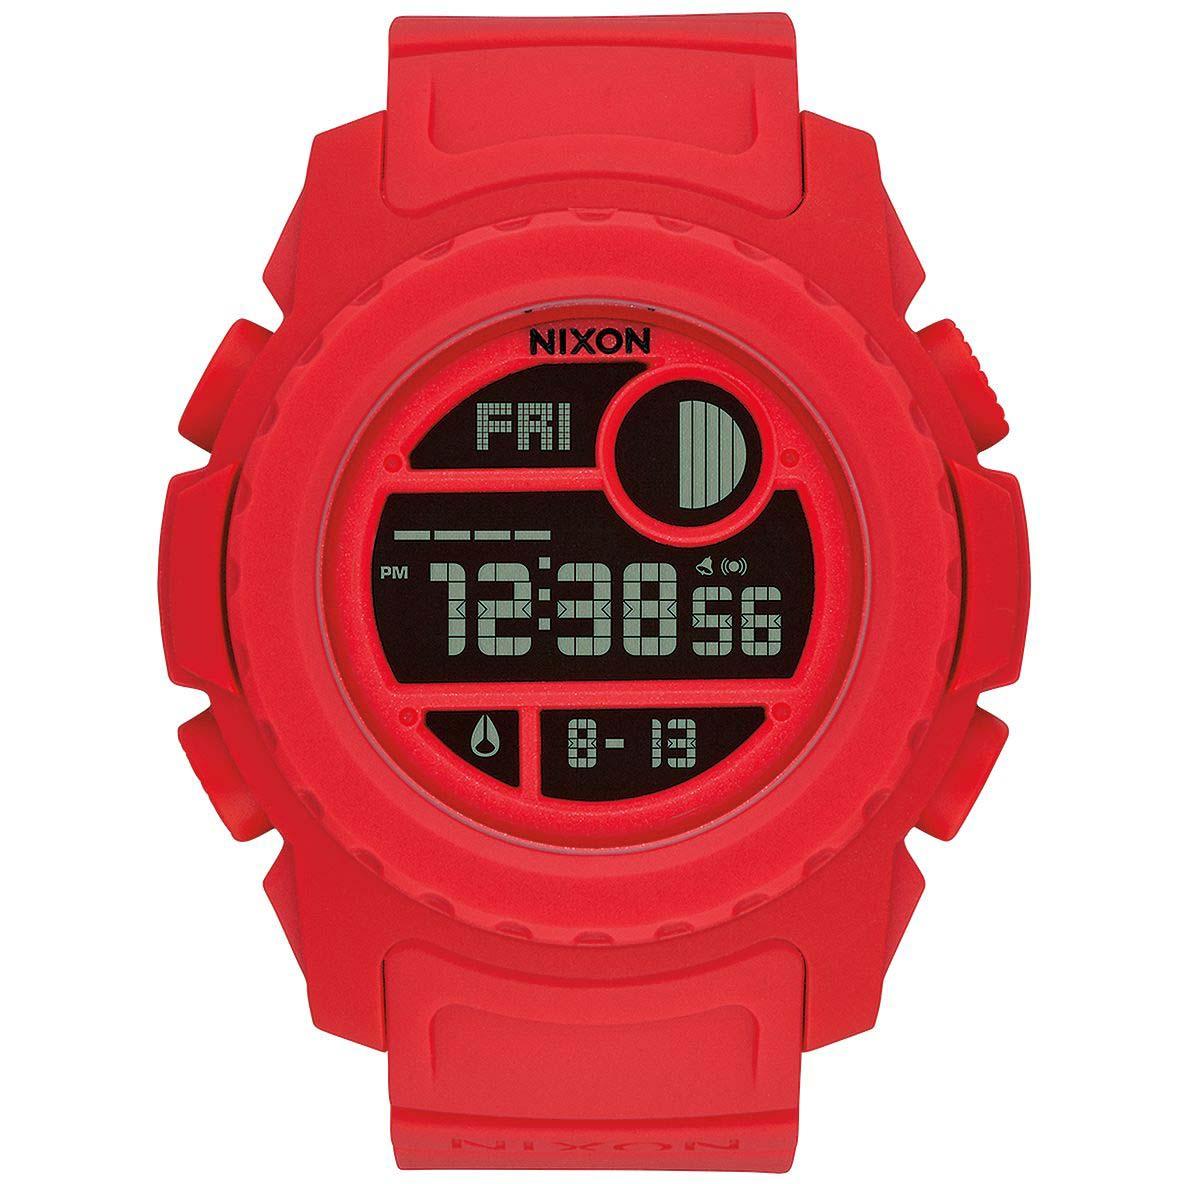 Супер Часы Купить Супер Часы недорого из Китая на AliExpress